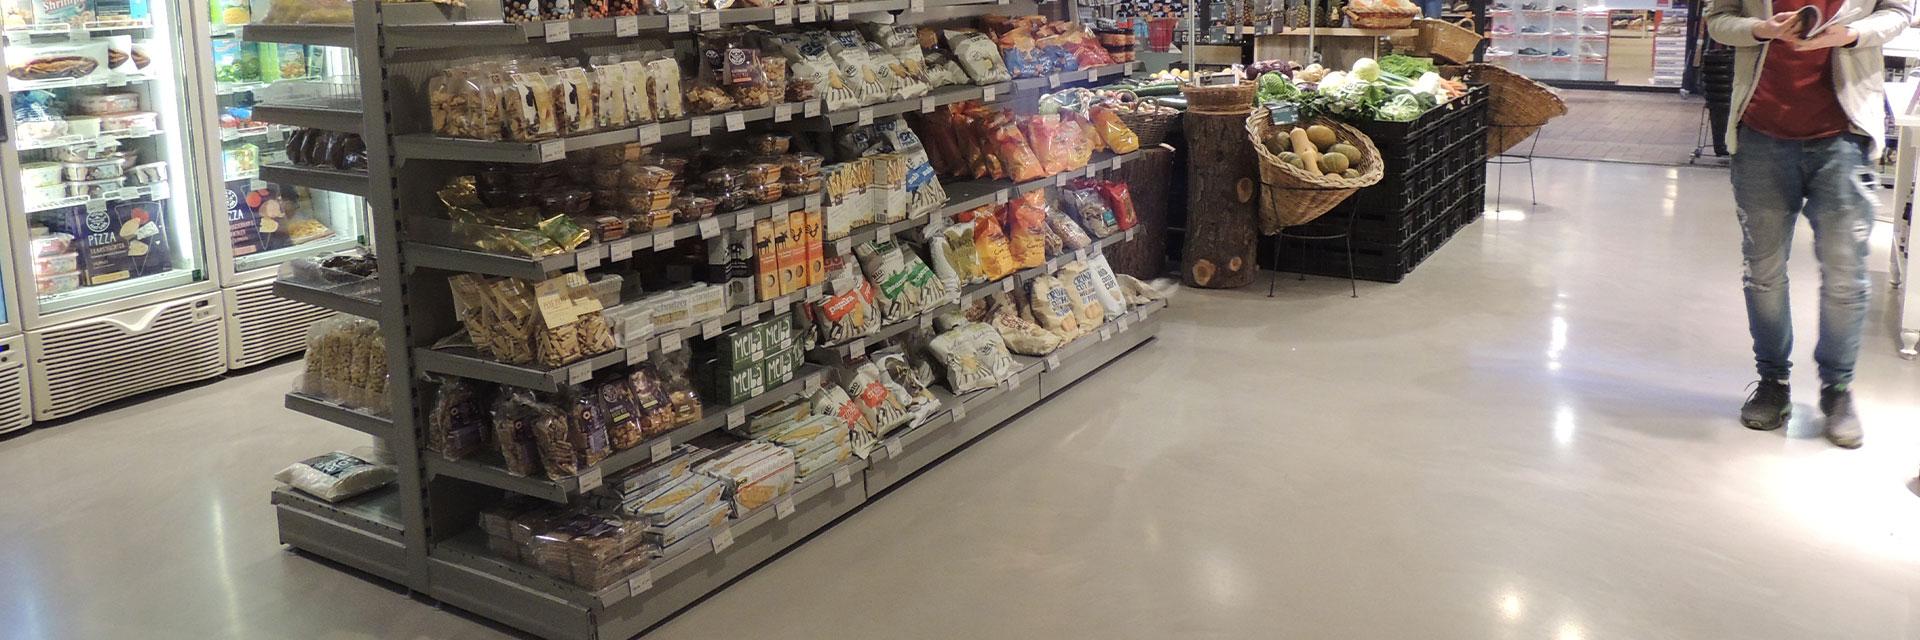 Supermarkt vloer